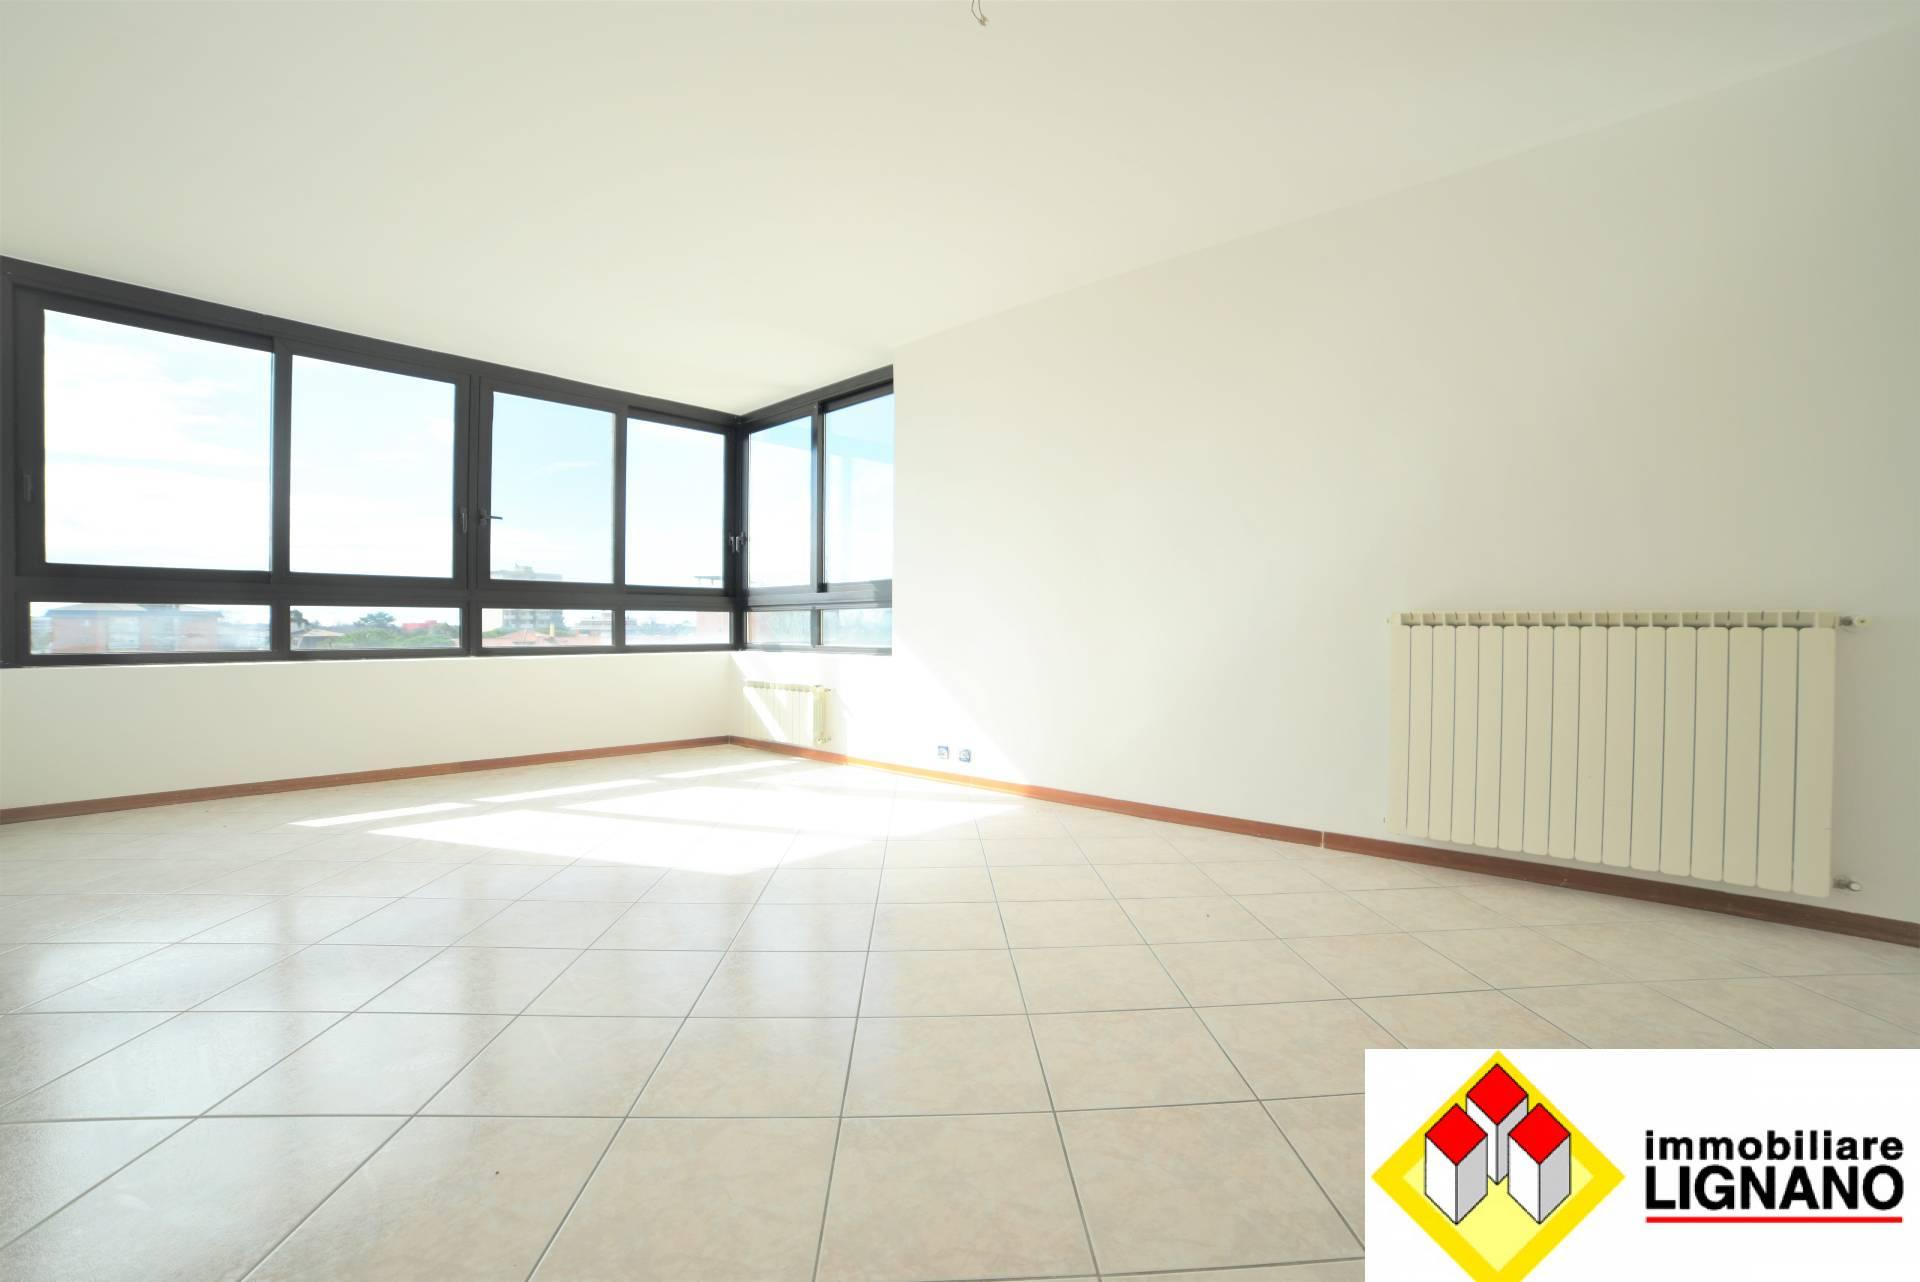 Appartamento in vendita a Latisana, 7 locali, zona Località: Centro, prezzo € 97.000 | PortaleAgenzieImmobiliari.it